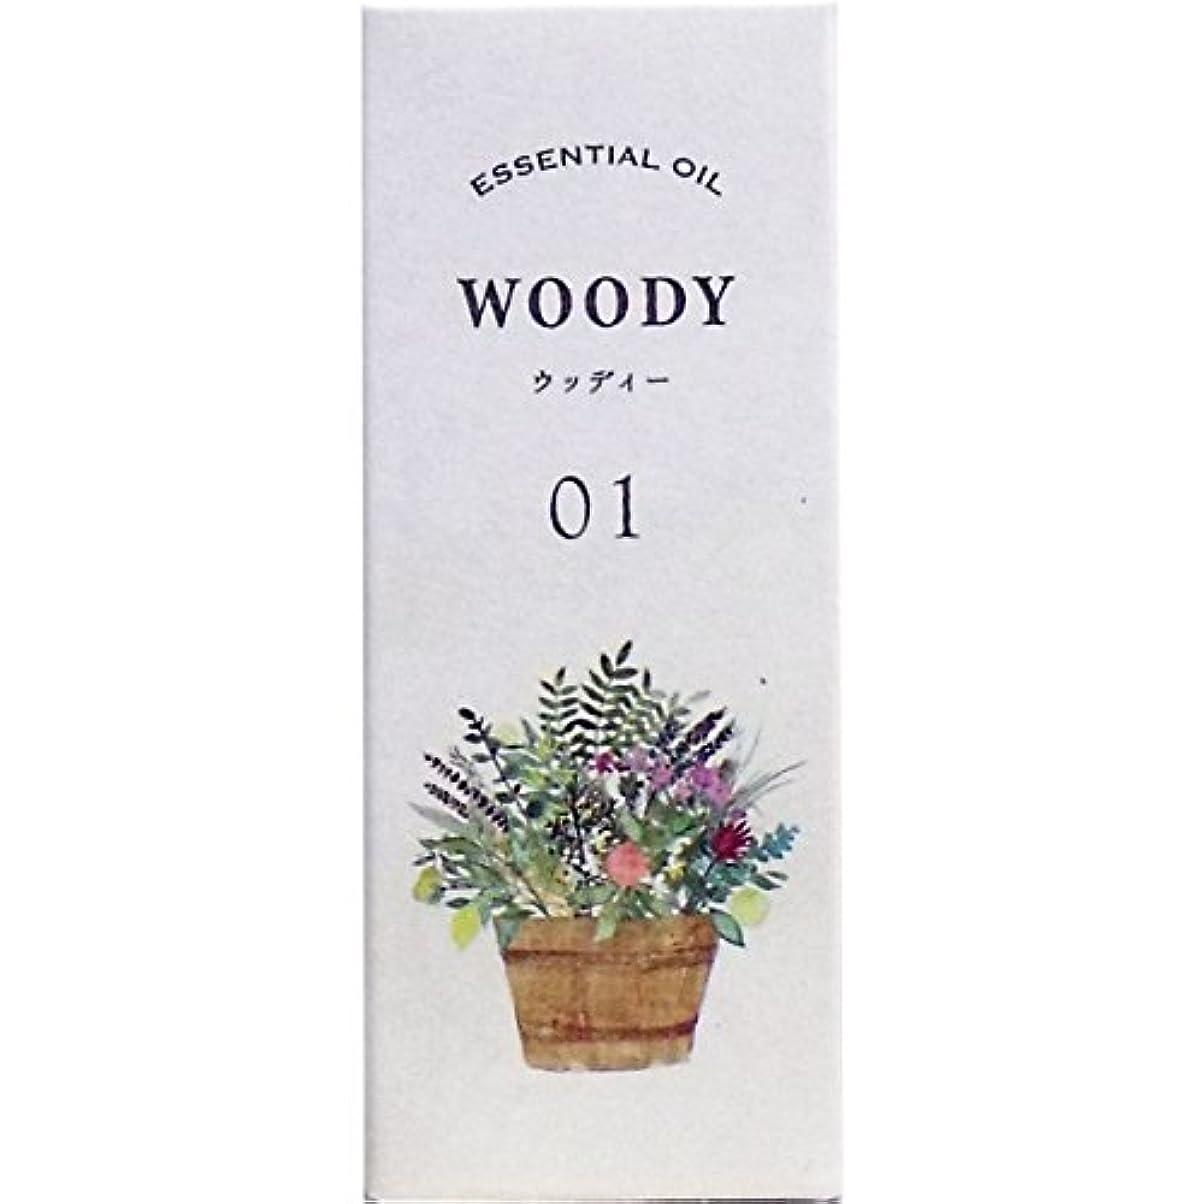 ガム干し草あなたは生活の木 ブレンドエッセンシャルオイル ウッディ(5ml)